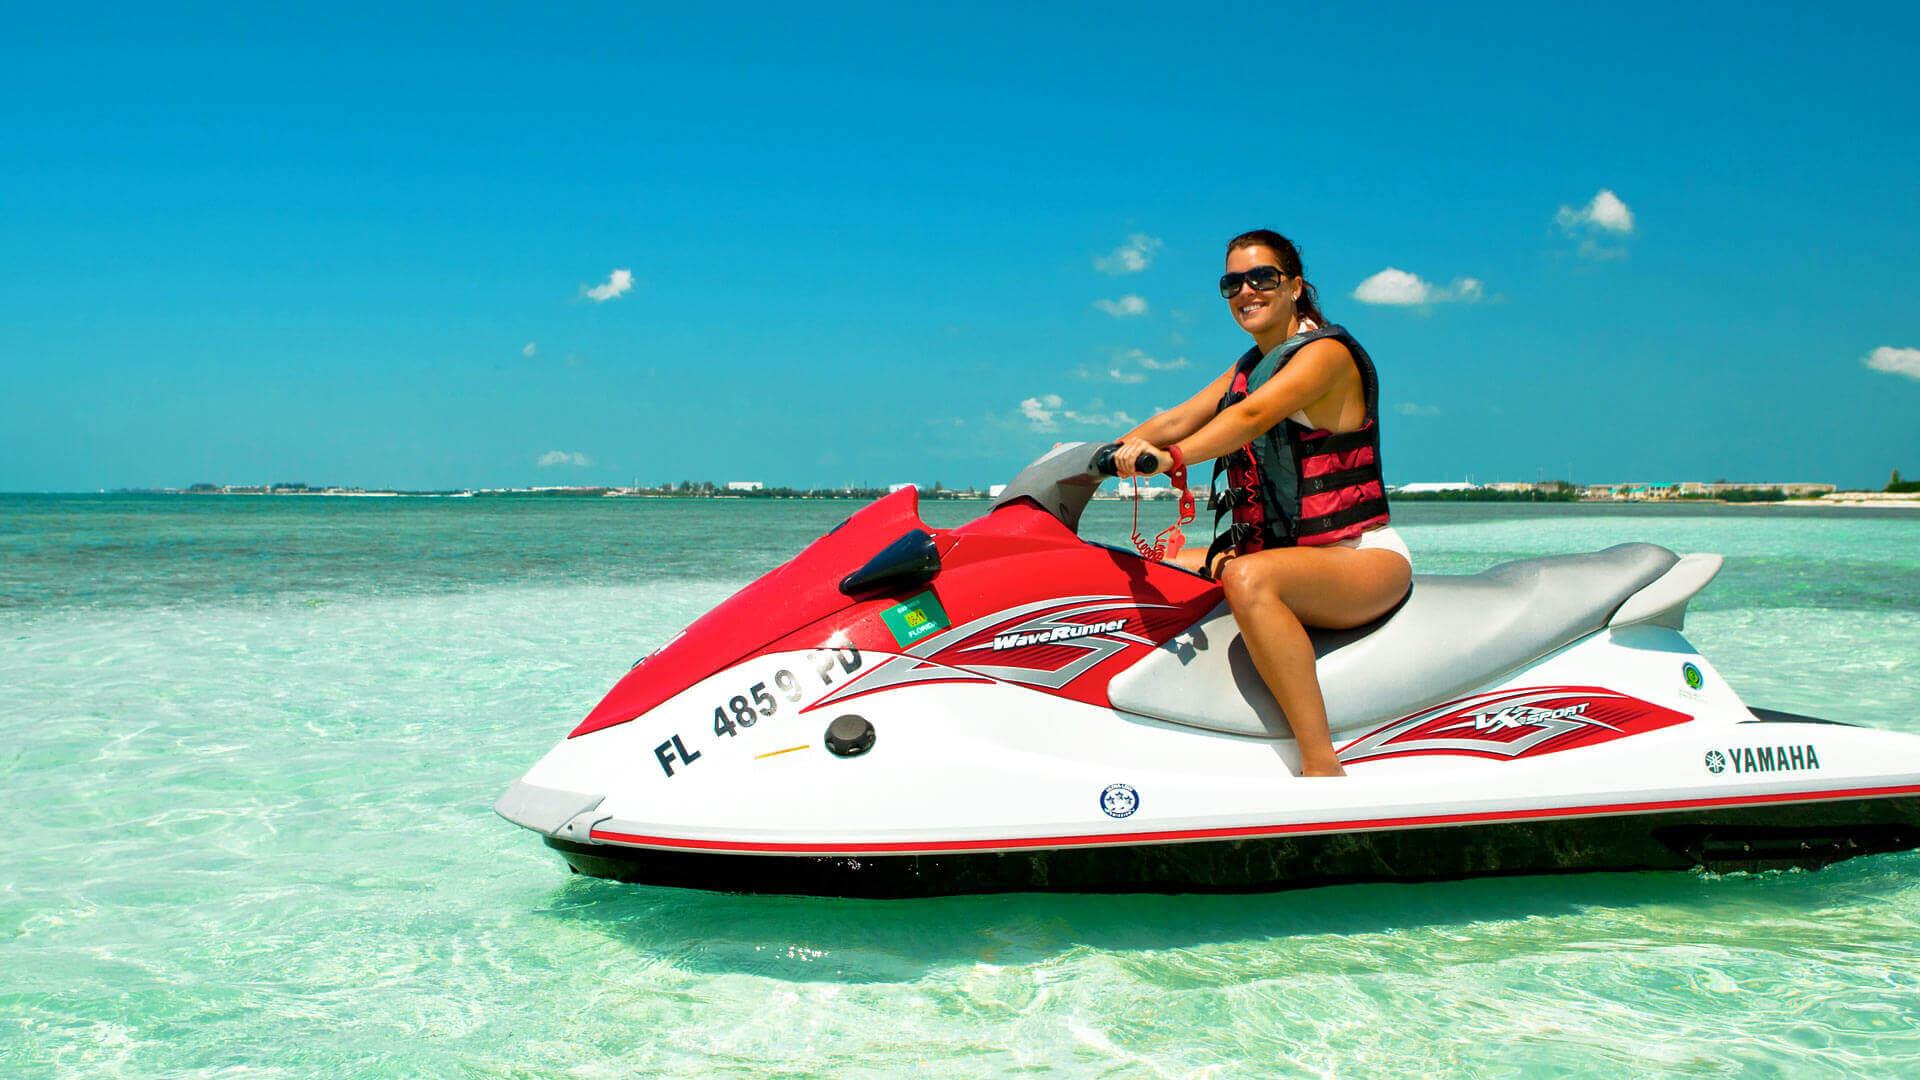 Key West Jet Ski Tours